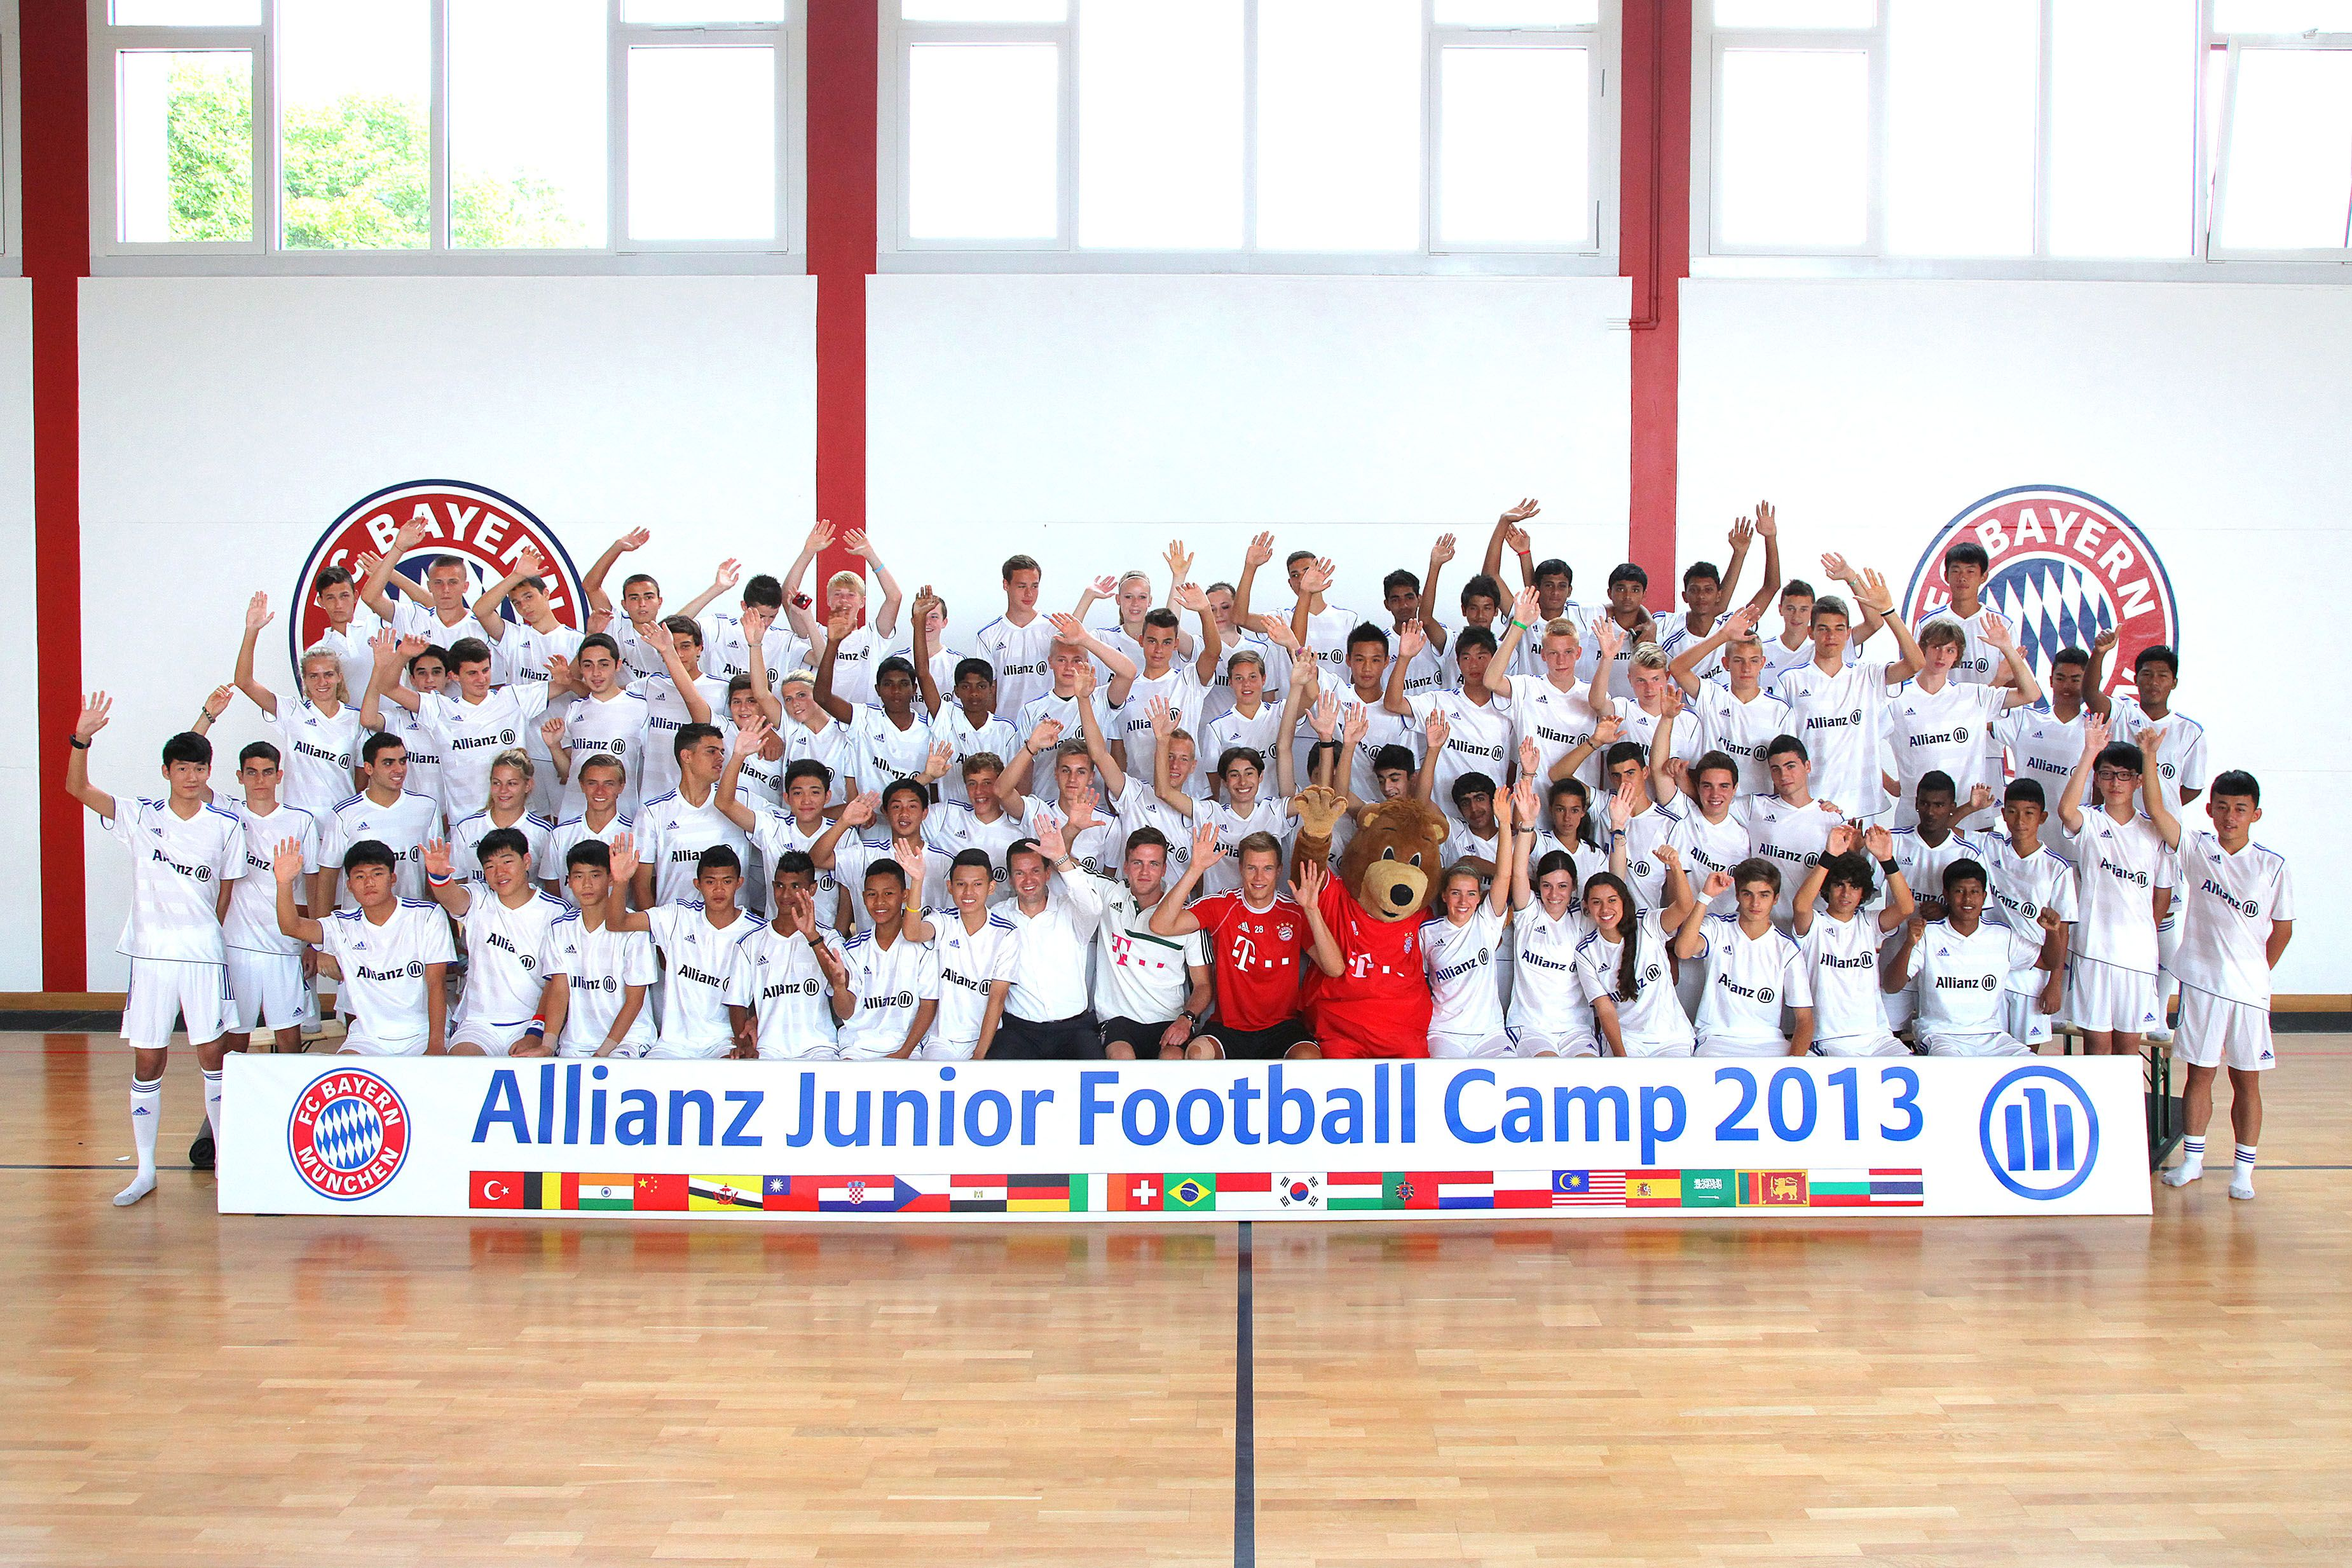 Integetnek a táborozók (With images) Bayern münchen